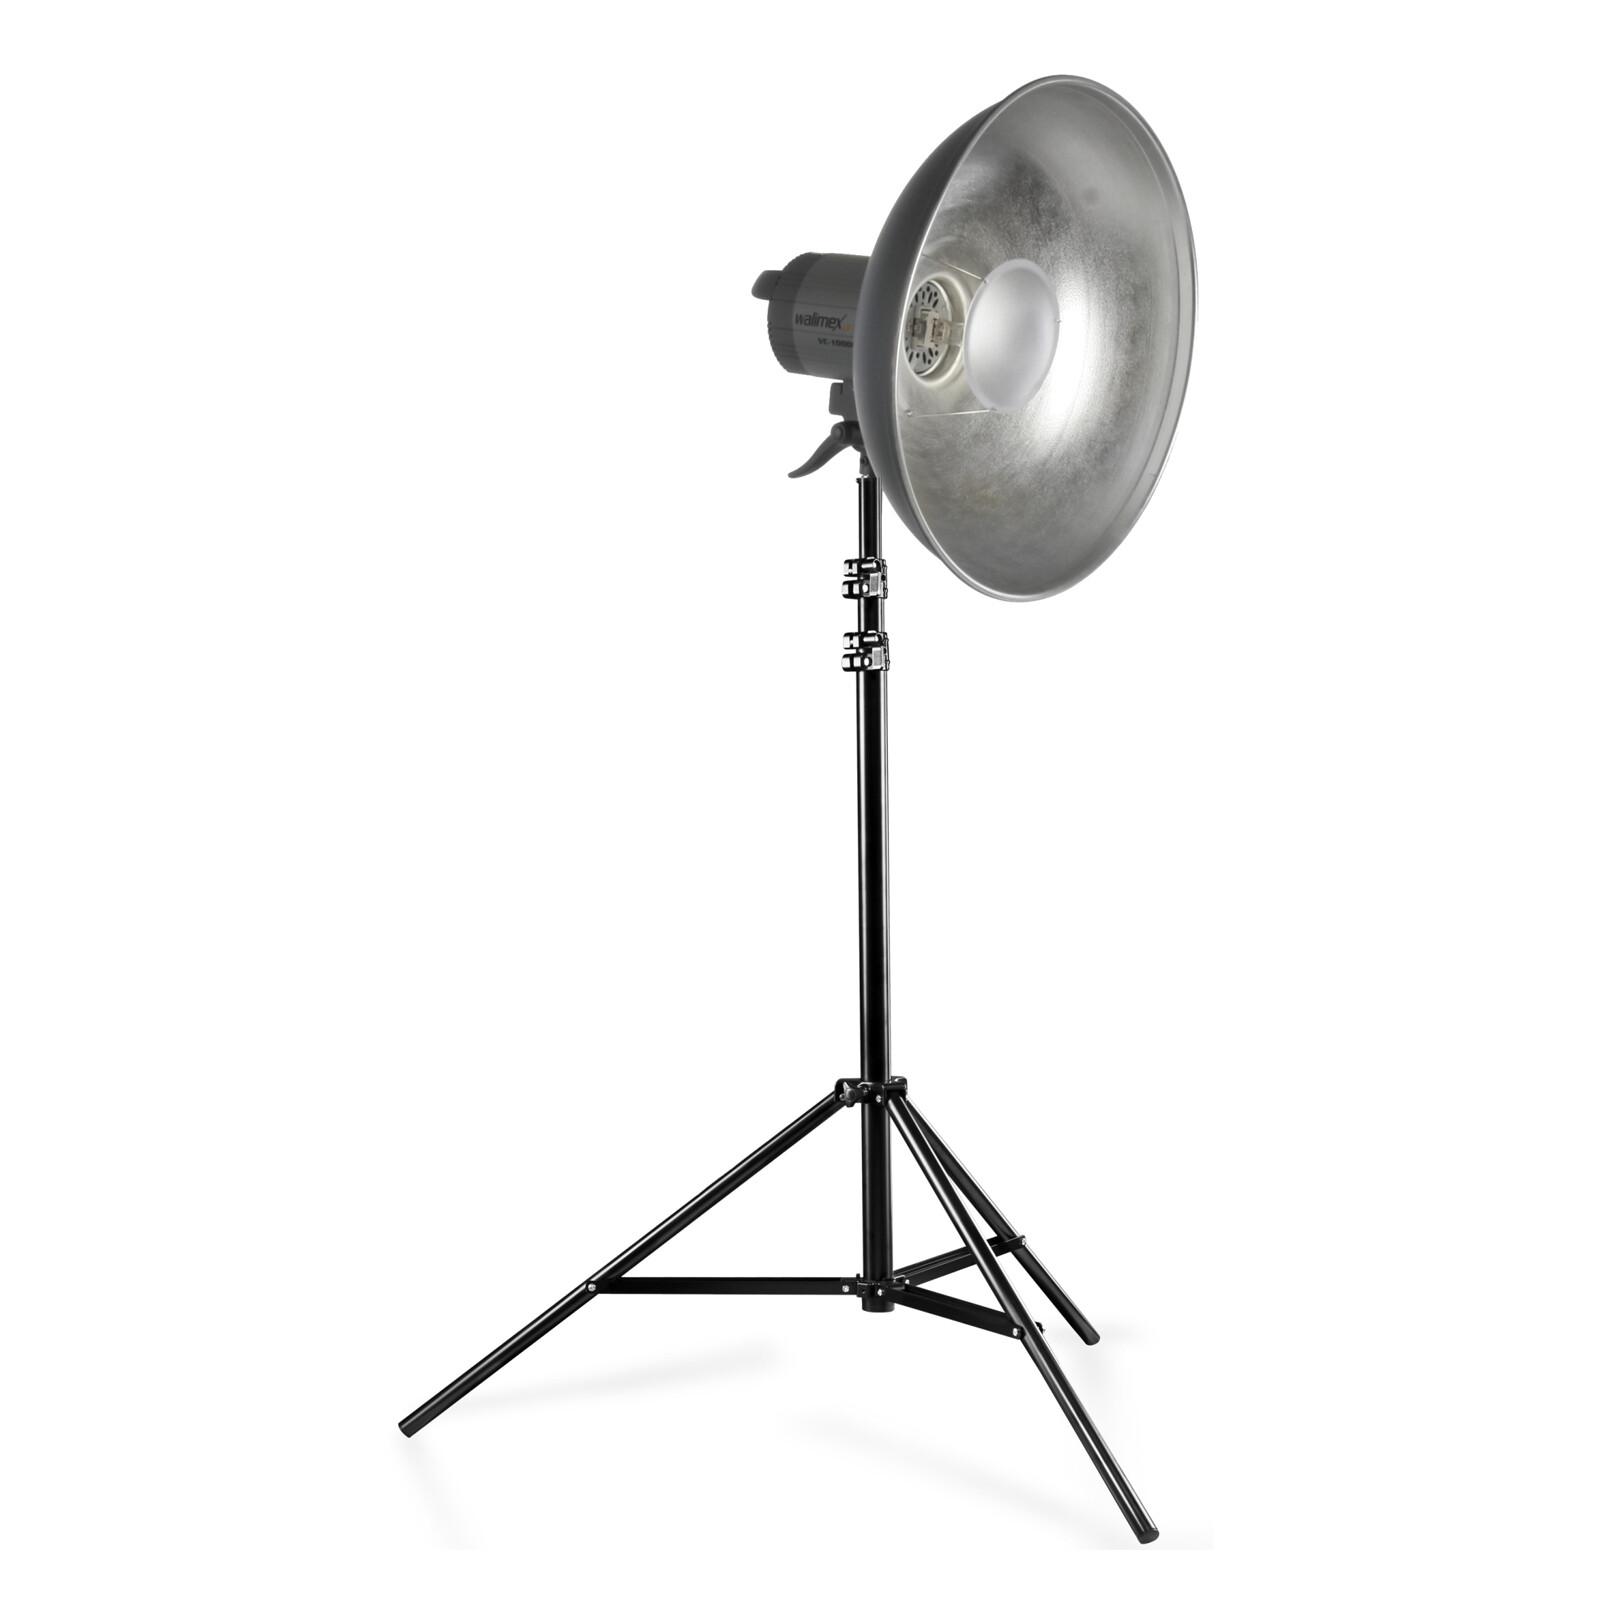 walimex pro Quarzlight VC-1000+Beauty Dish+WT-806